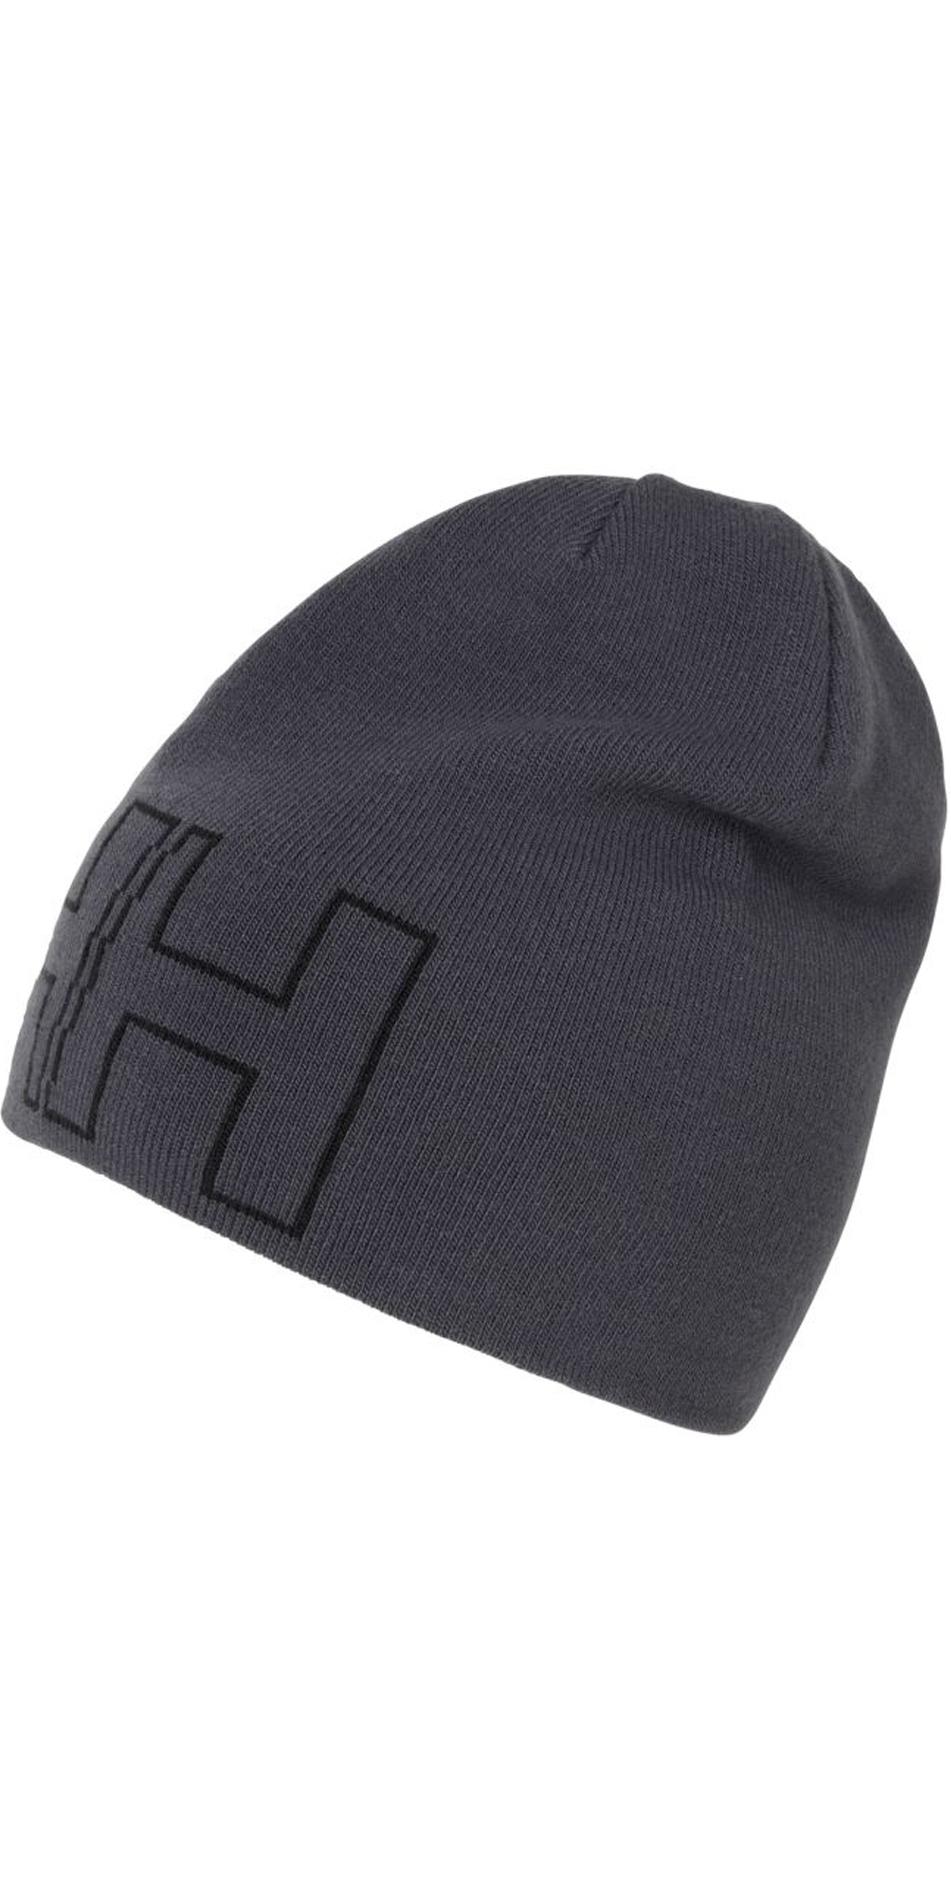 2019 Helly Hansen Outline Beanie Graphite Blue 67147 - 67147 - Beanies  Skull Caps Neck Gaiter - Gloves  fd3e8064e57